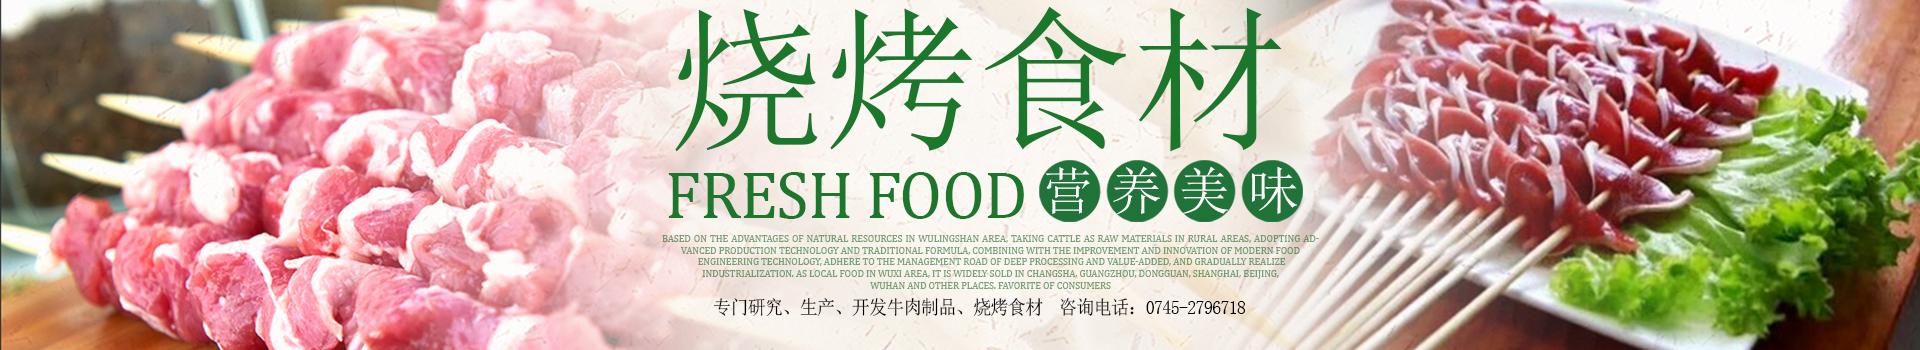 龙8国际pt娱乐城兴旗牛业食品有限公司_龙8国际pt娱乐城酒店食材批发|烧烤食材批发|新鲜牛肉